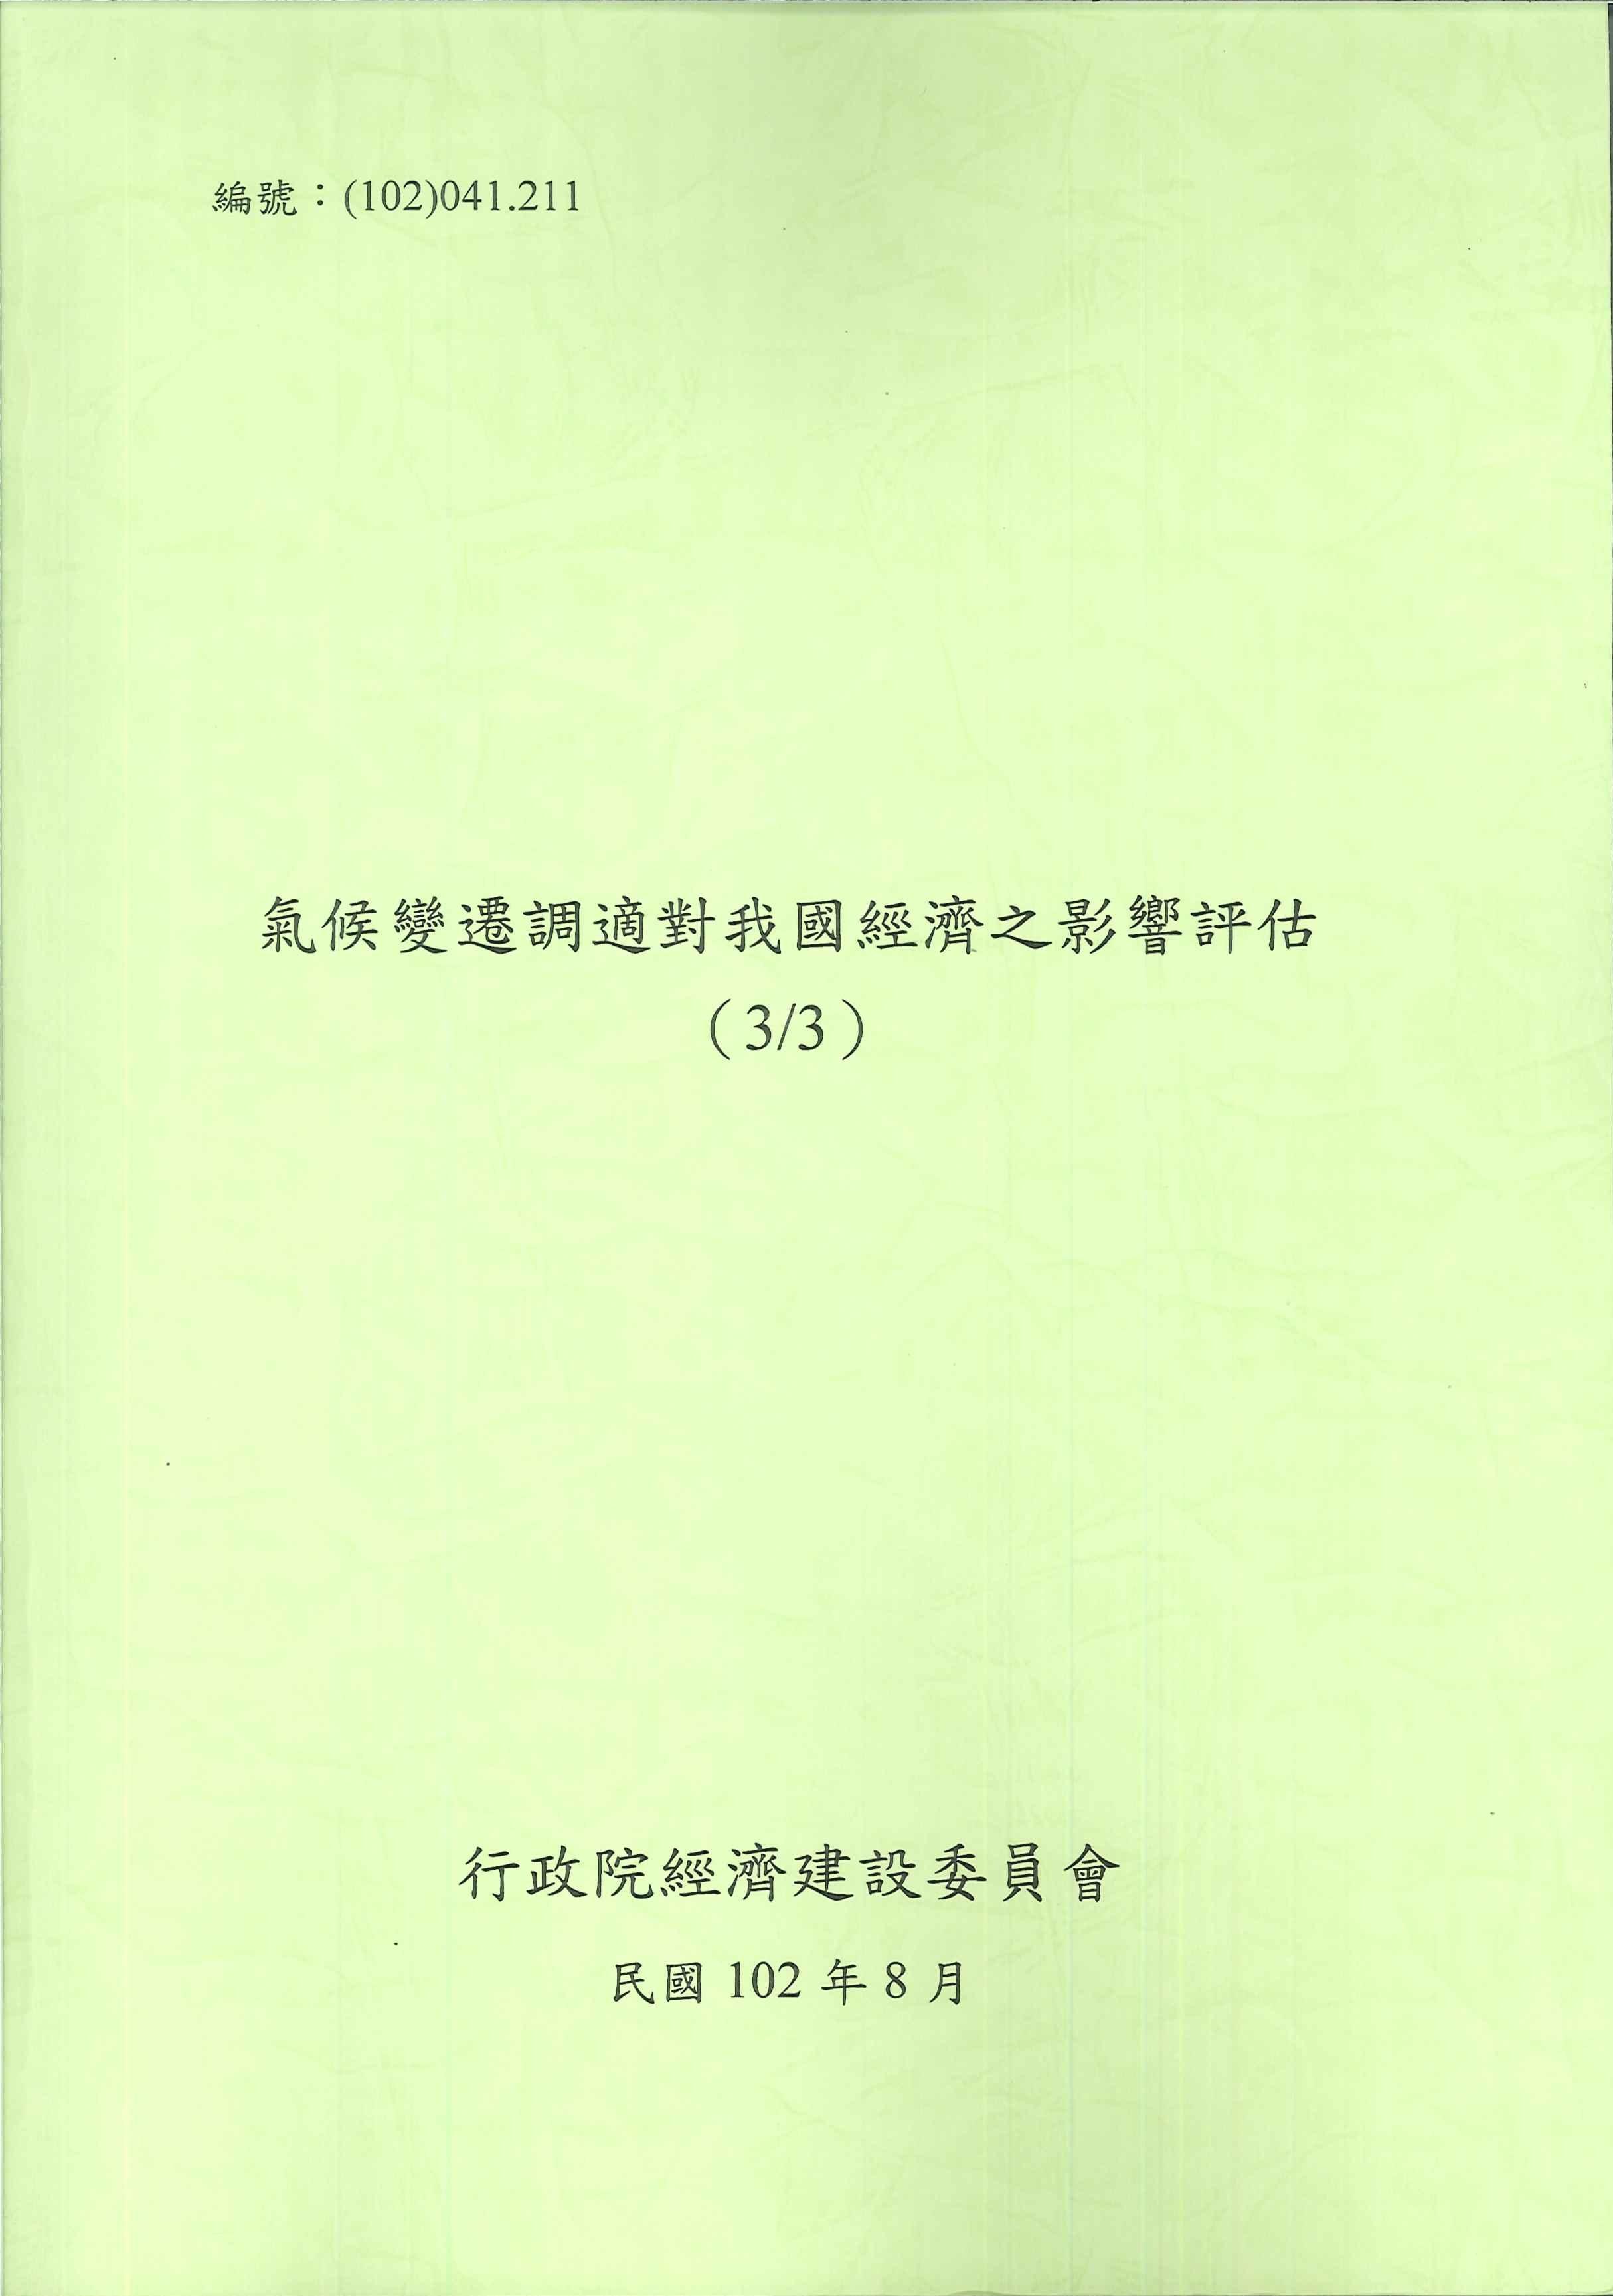 氣候變遷調適對我國經濟之影響評估探討.(1/3)-(3/3)